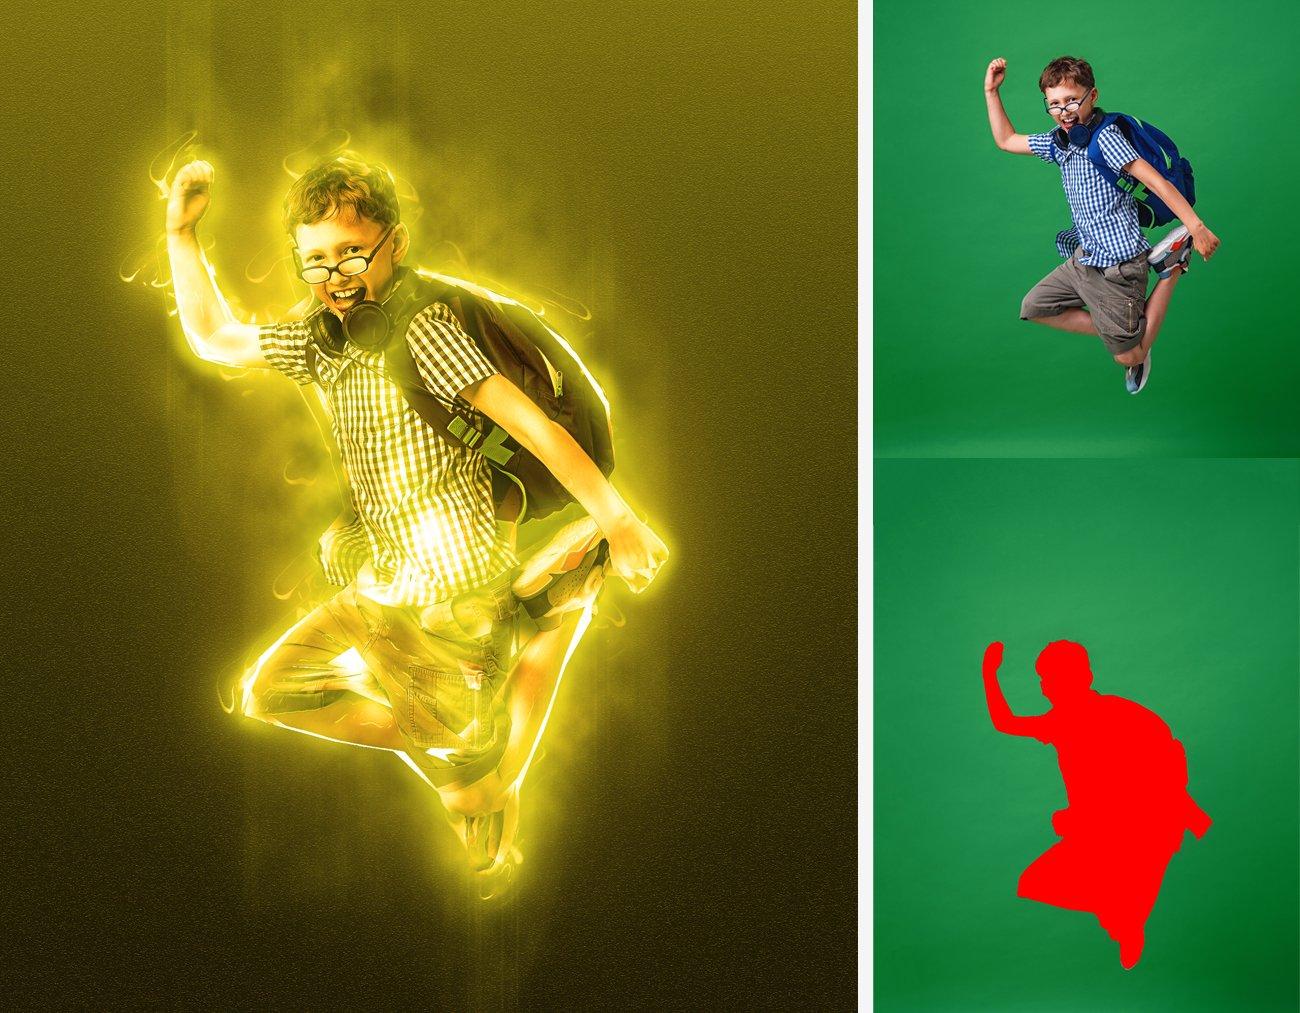 超炫能力发光效果照片处理特效PS动作素材 Light Photoshop Action插图12